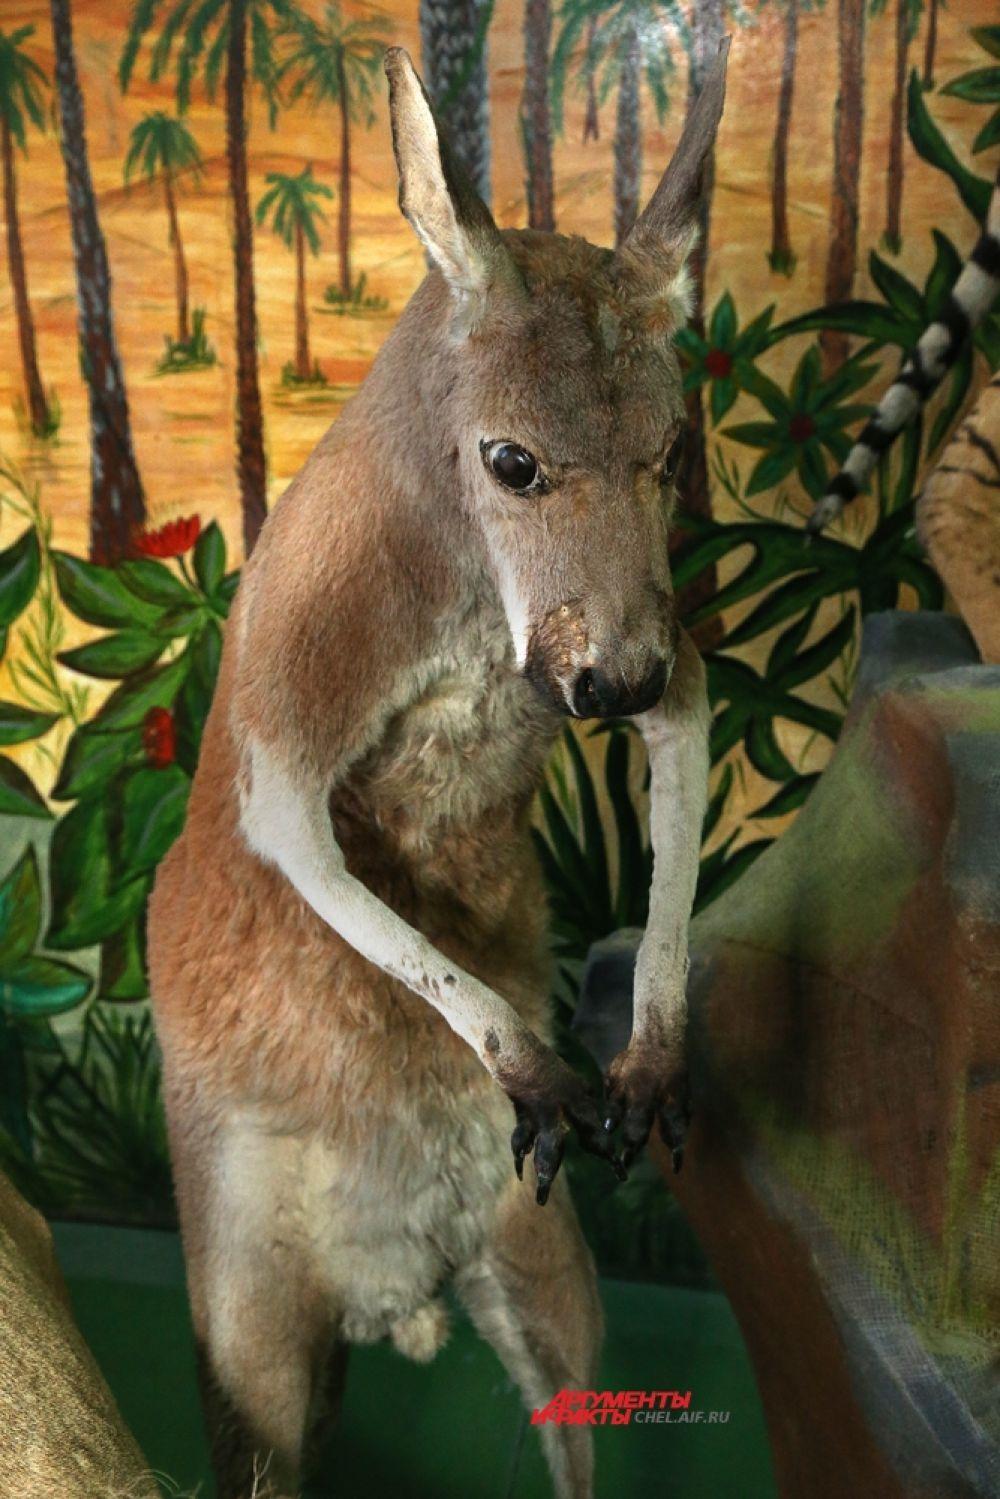 Кенгуру – когда-то жил в челябинском зоопарке.